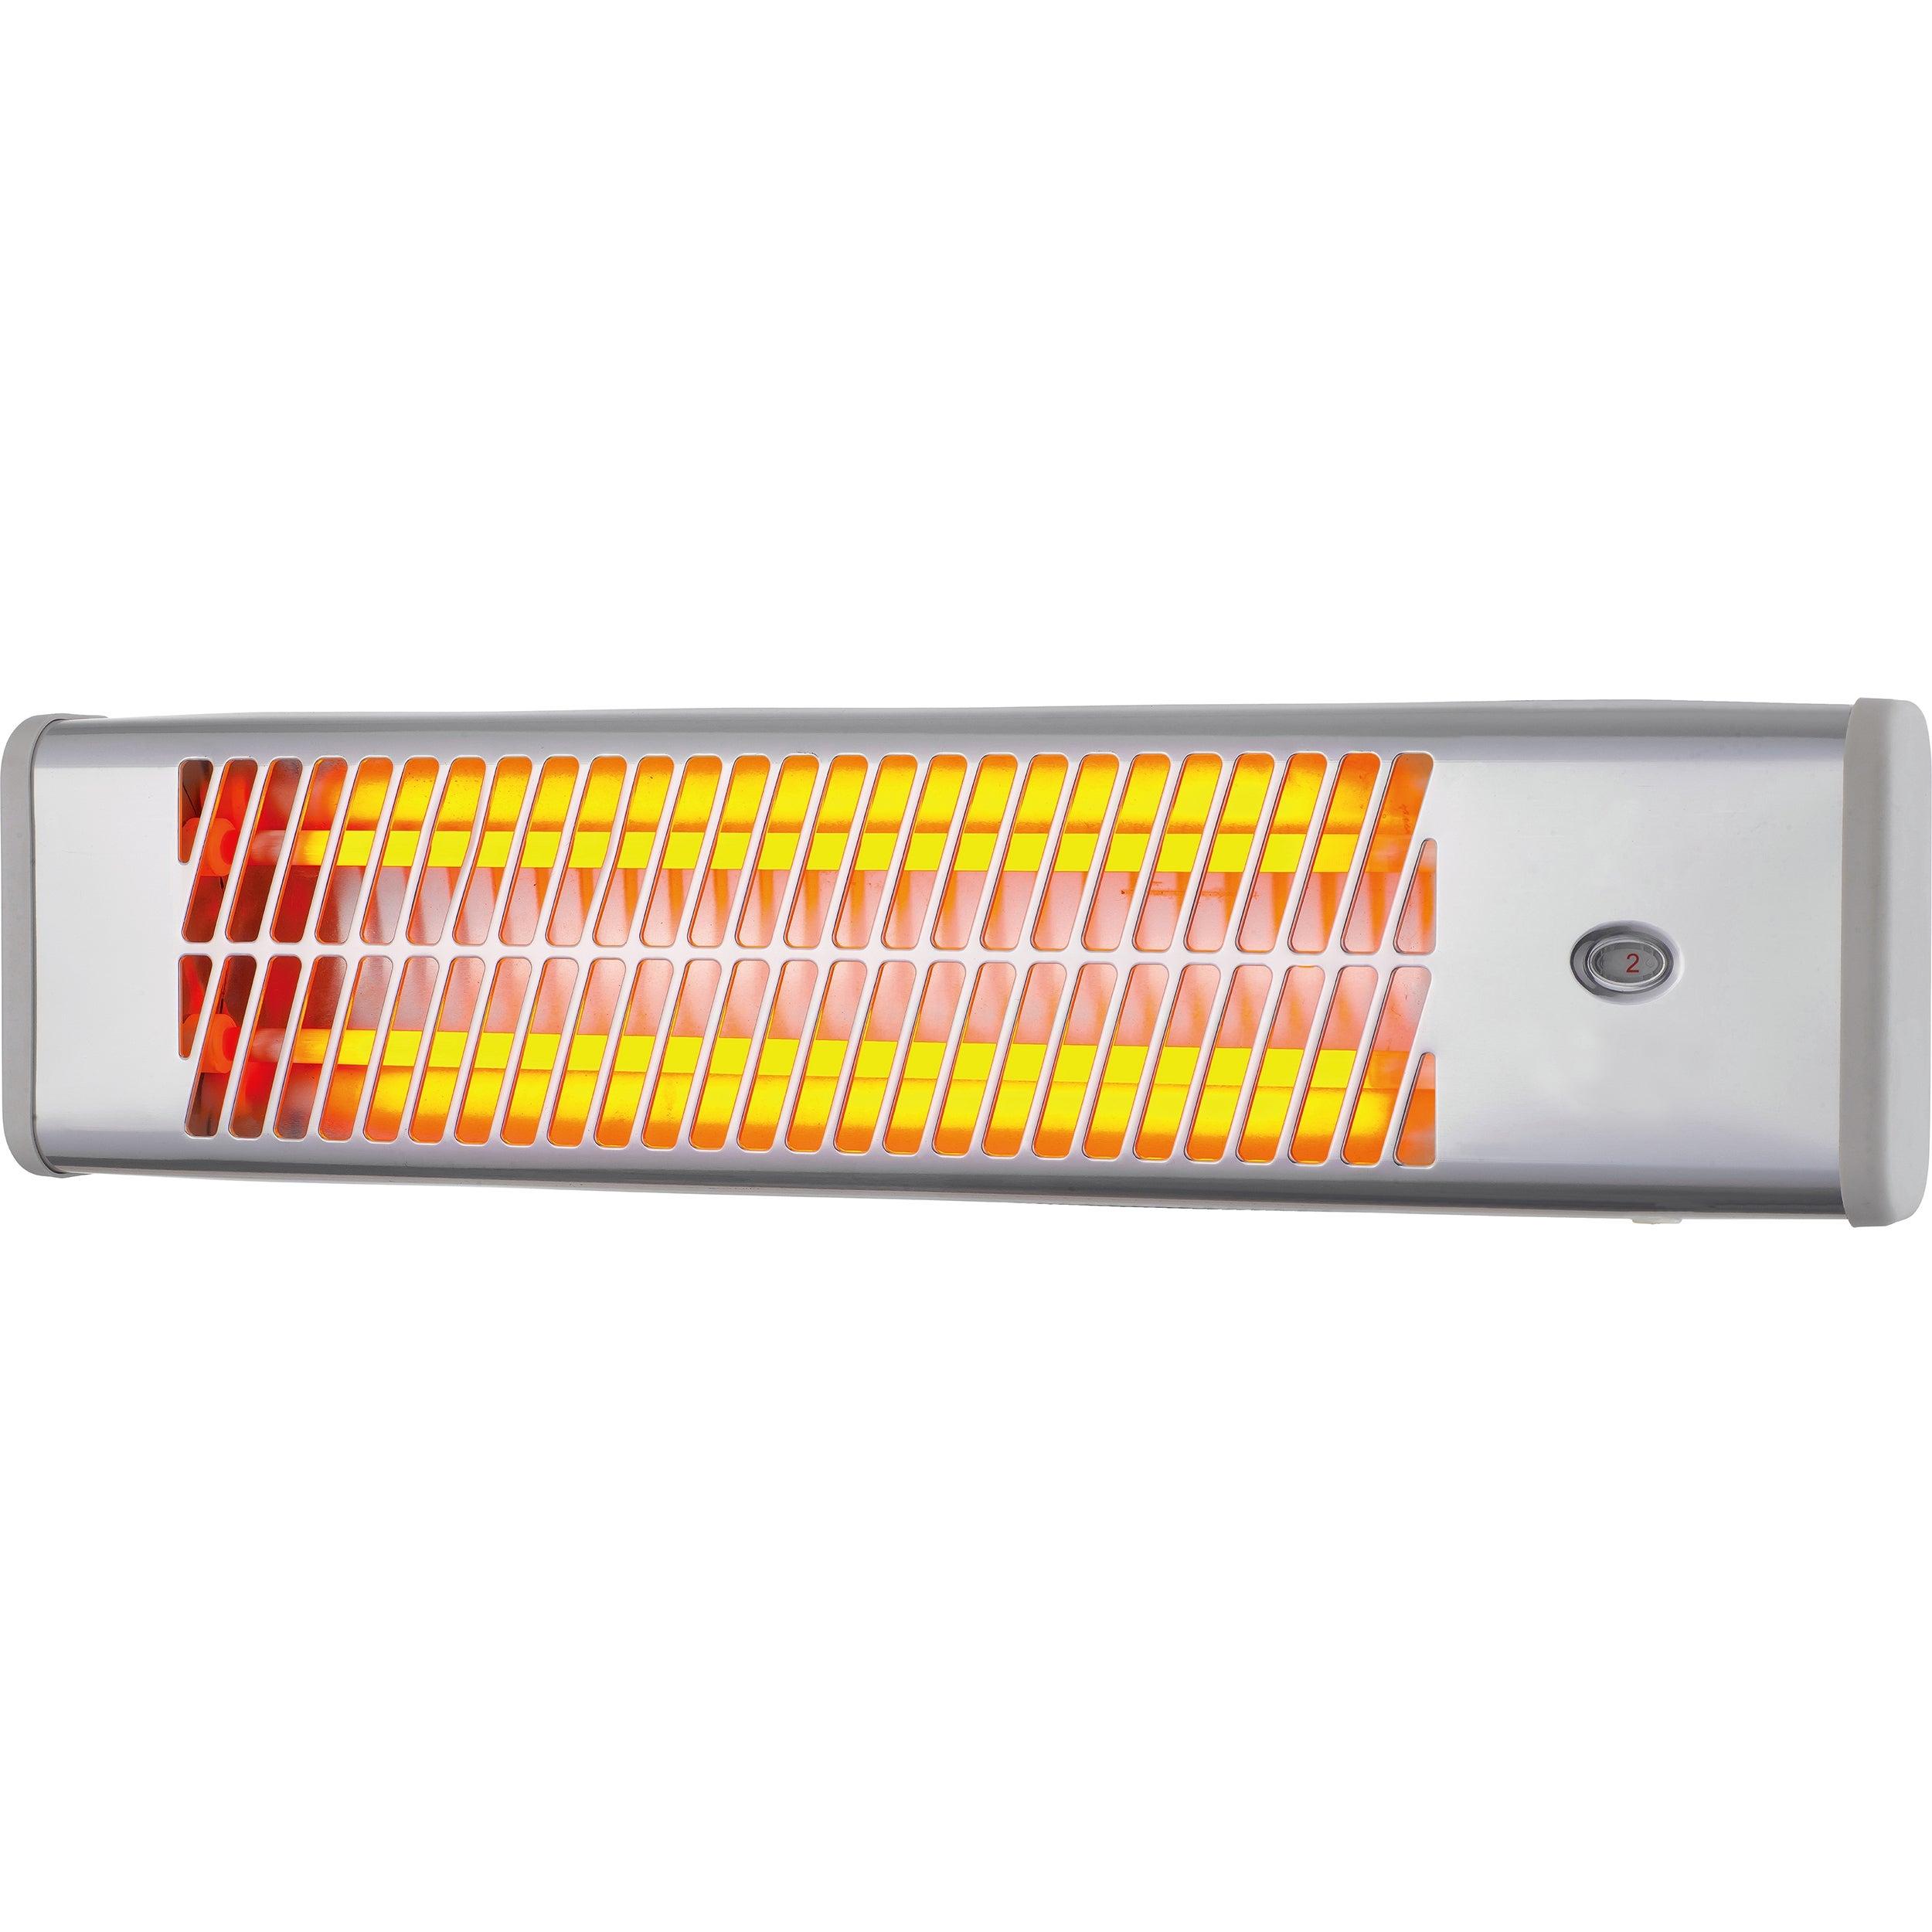 Réglette infrarouge électrique EQUATION Quint 18 11800 W